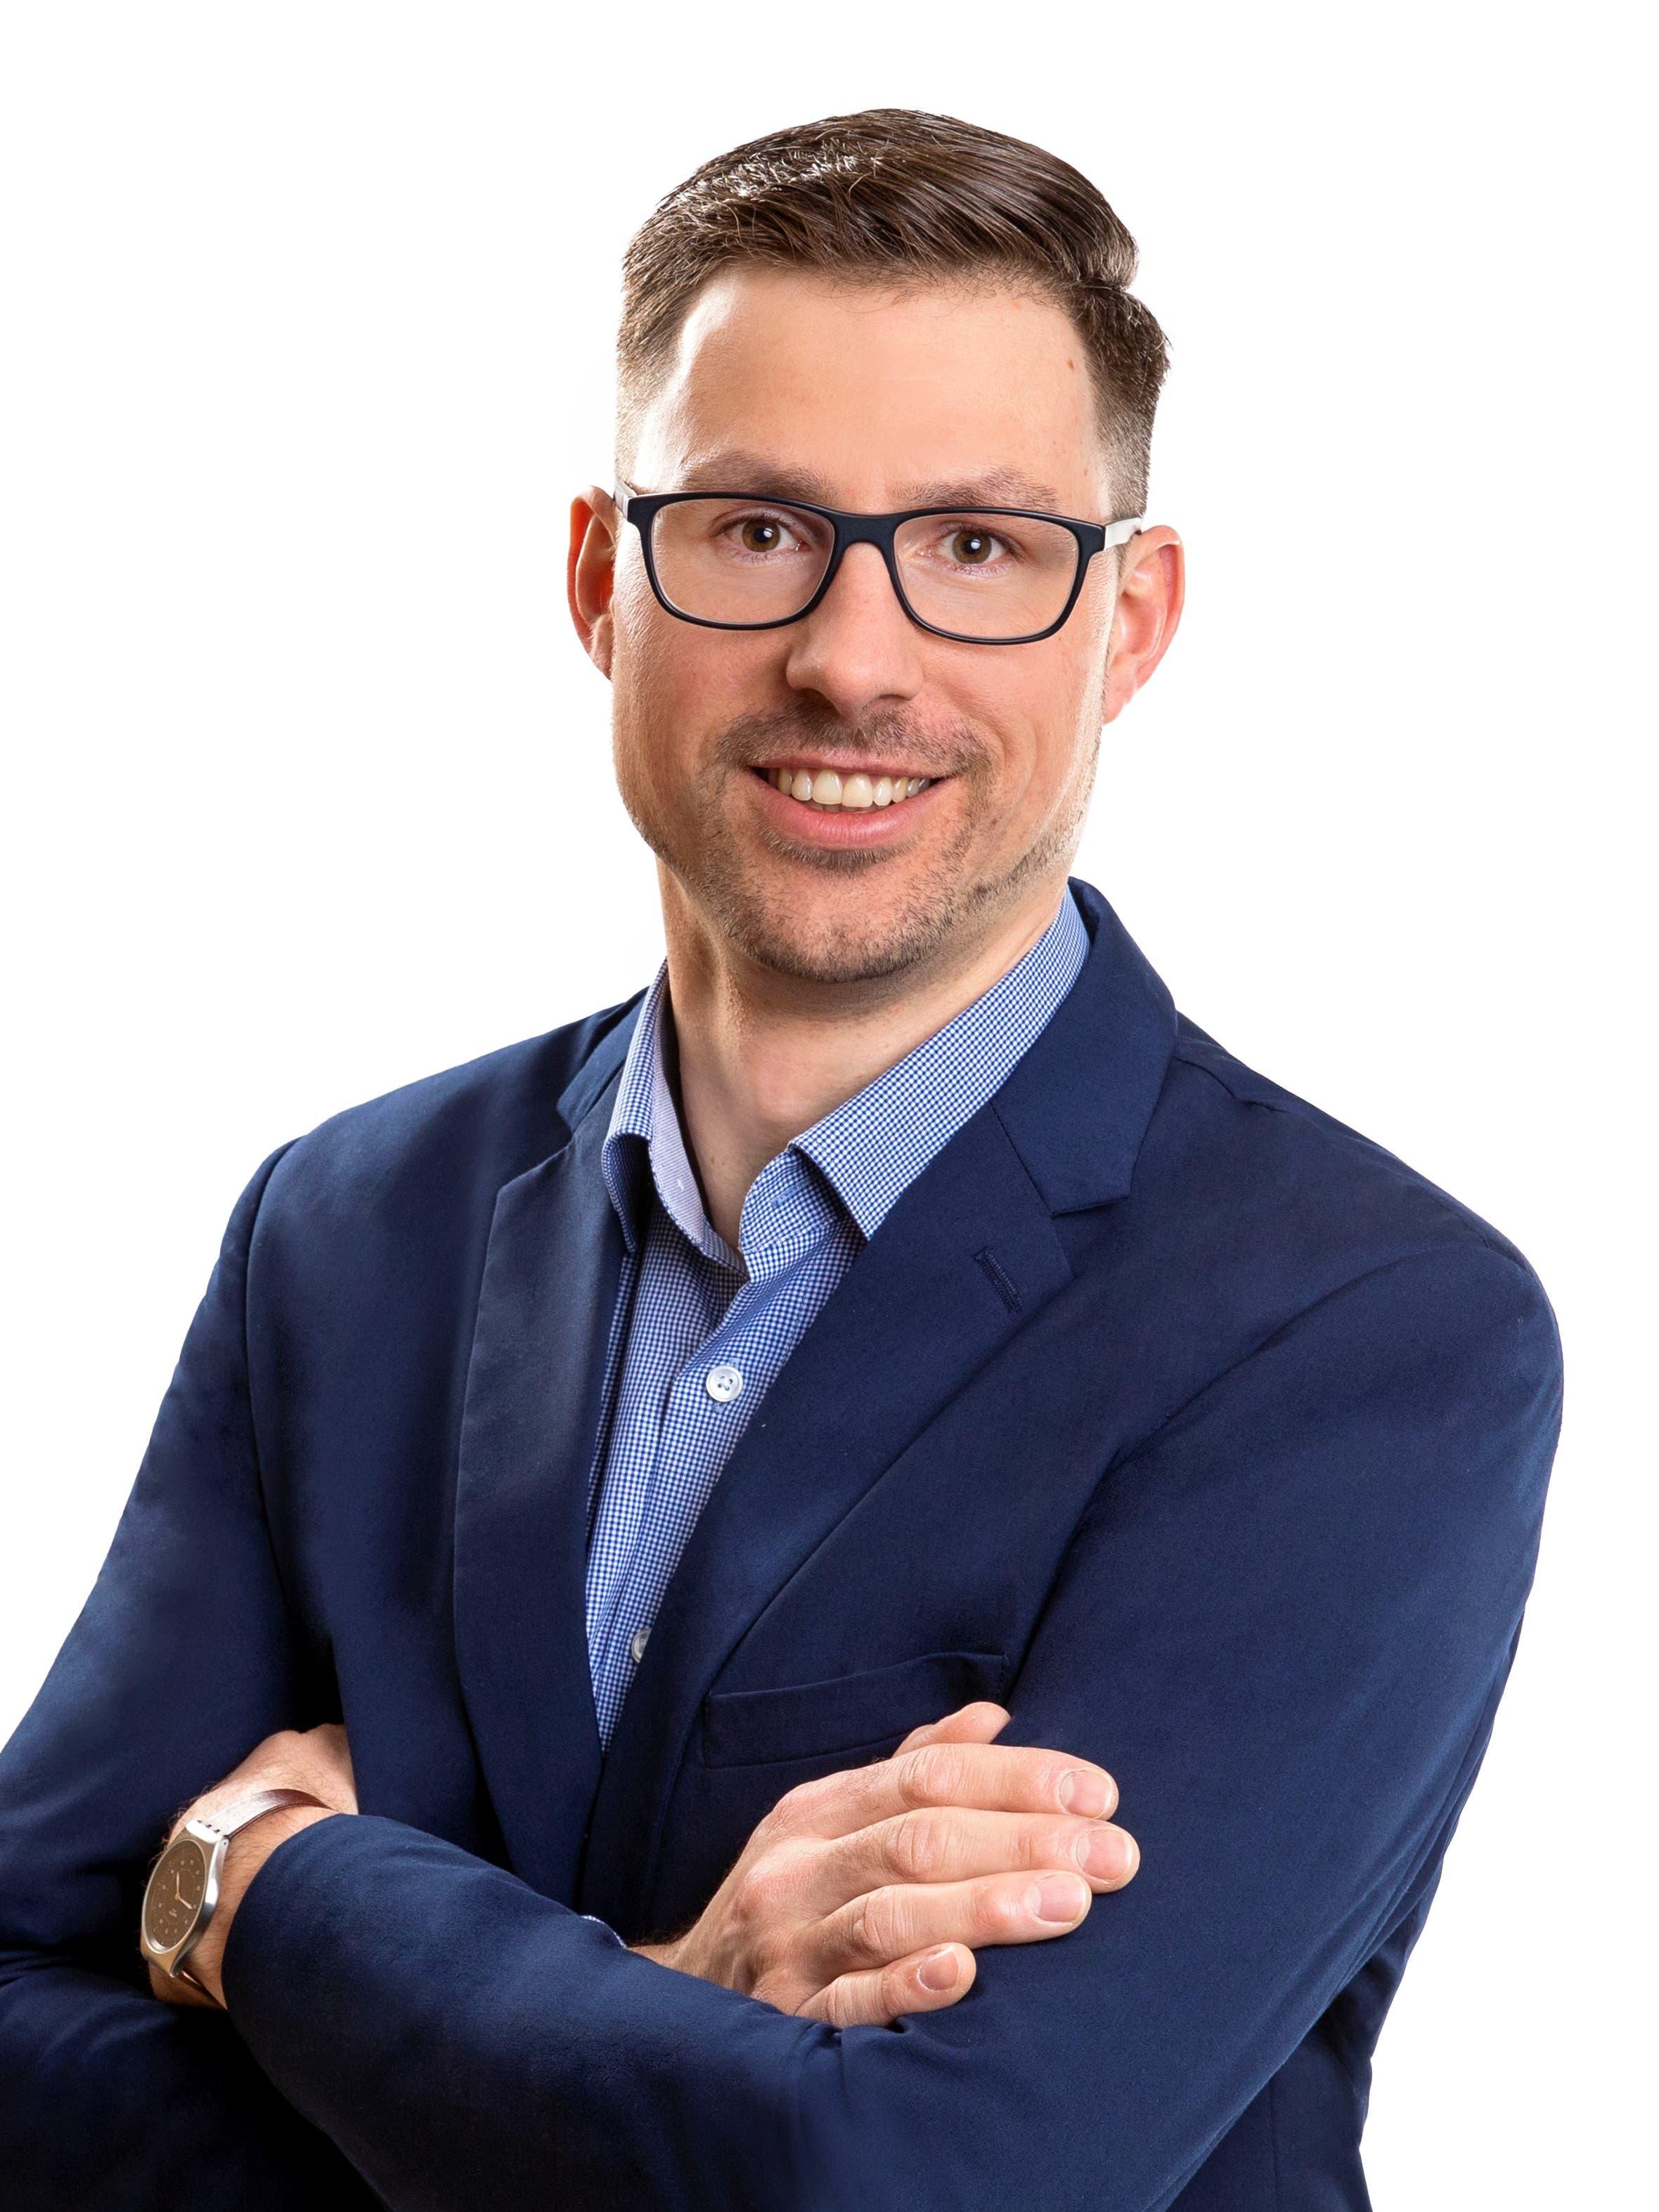 Gewählt: Reto Müller, CVP